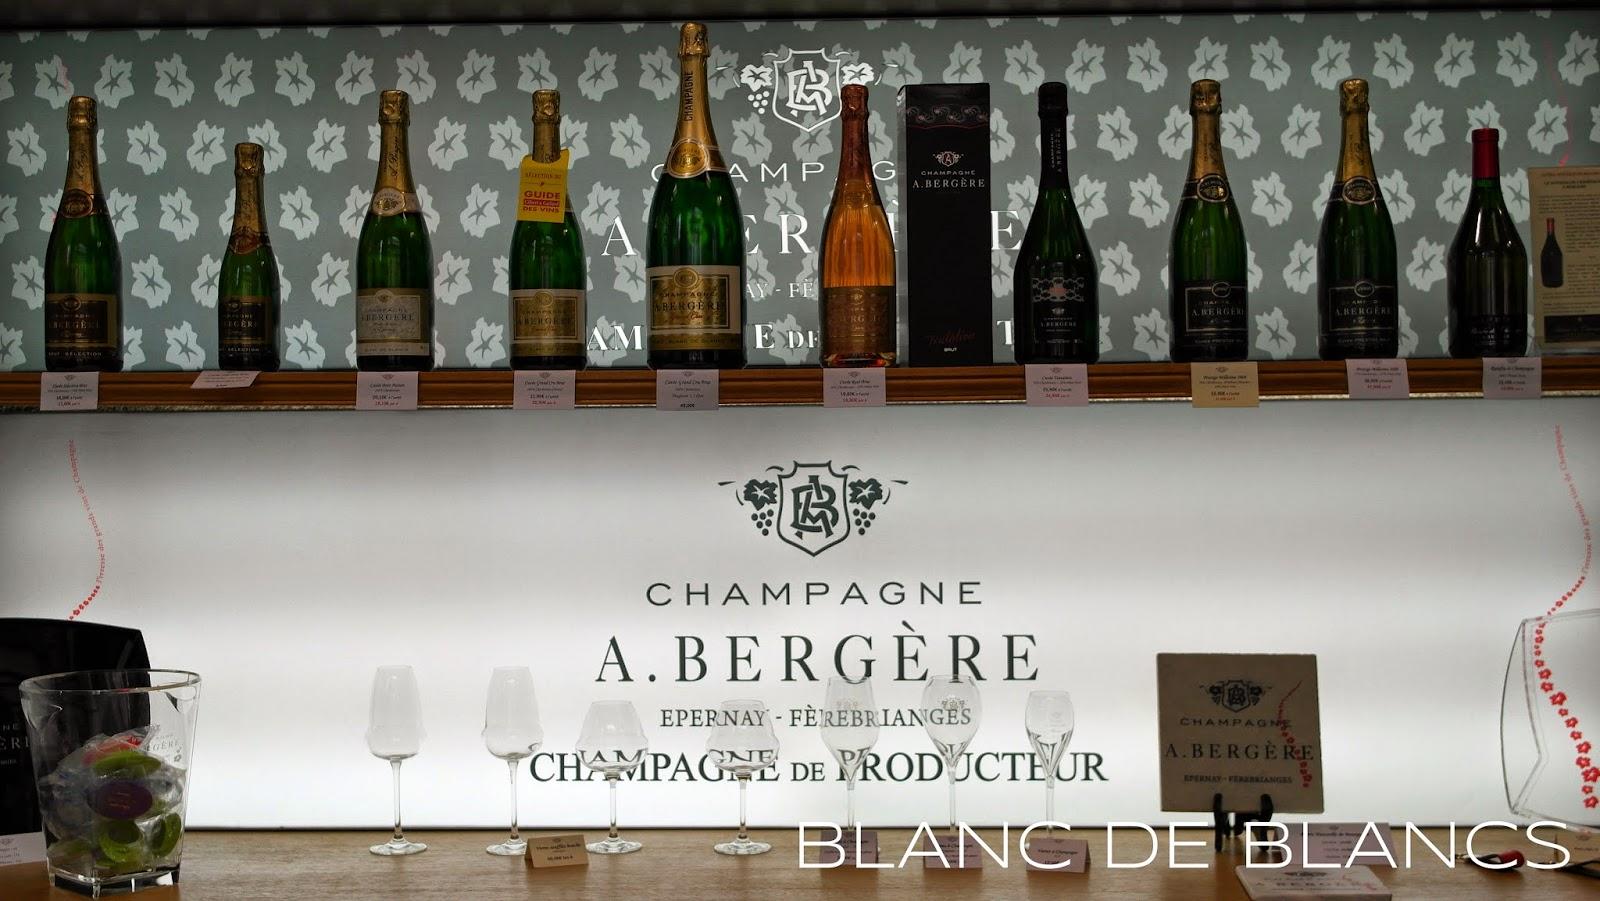 Champagne A. Bergère - www.blancdeblancs.fi